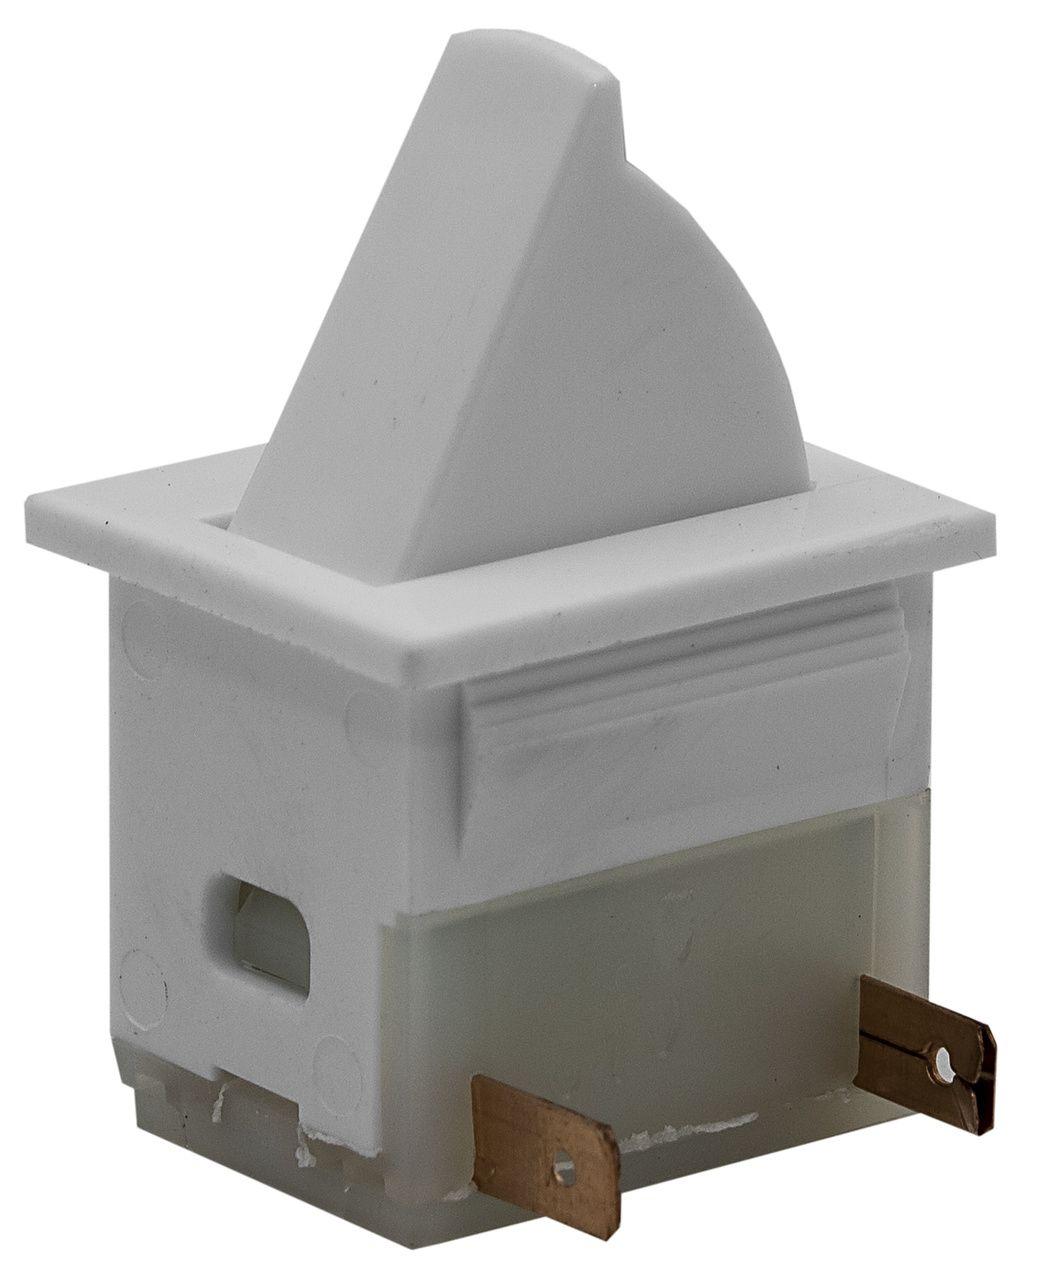 Interruptor Porta Refrigerador Electrolux 64491713